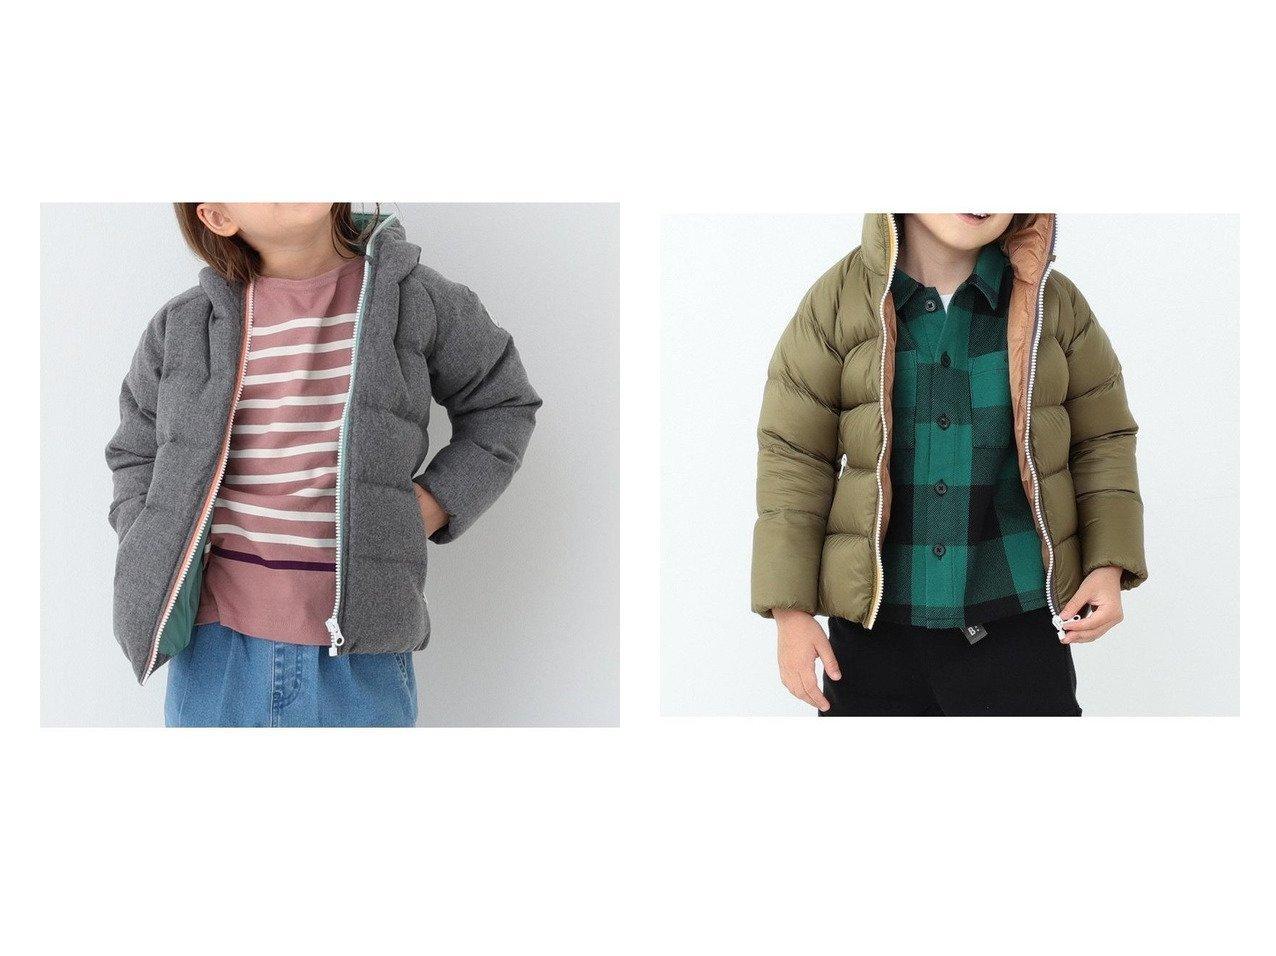 【B:MING LIFE STORE by BEAMS / KIDS/ビーミングライフストアバイビームス】のB: ポケッタブル ダウンブルゾン20FW(90~150cm) 【KIDS】子供服のおすすめ!人気、キッズファッションの通販 おすすめで人気のファッション通販商品 インテリア・家具・キッズファッション・メンズファッション・レディースファッション・服の通販 founy(ファニー) https://founy.com/ ファッション Fashion キッズ KIDS アウトドア カラフル ジップ ジャケット ダウン ブルゾン 冬 Winter 定番 防寒 |ID:crp329100000003778